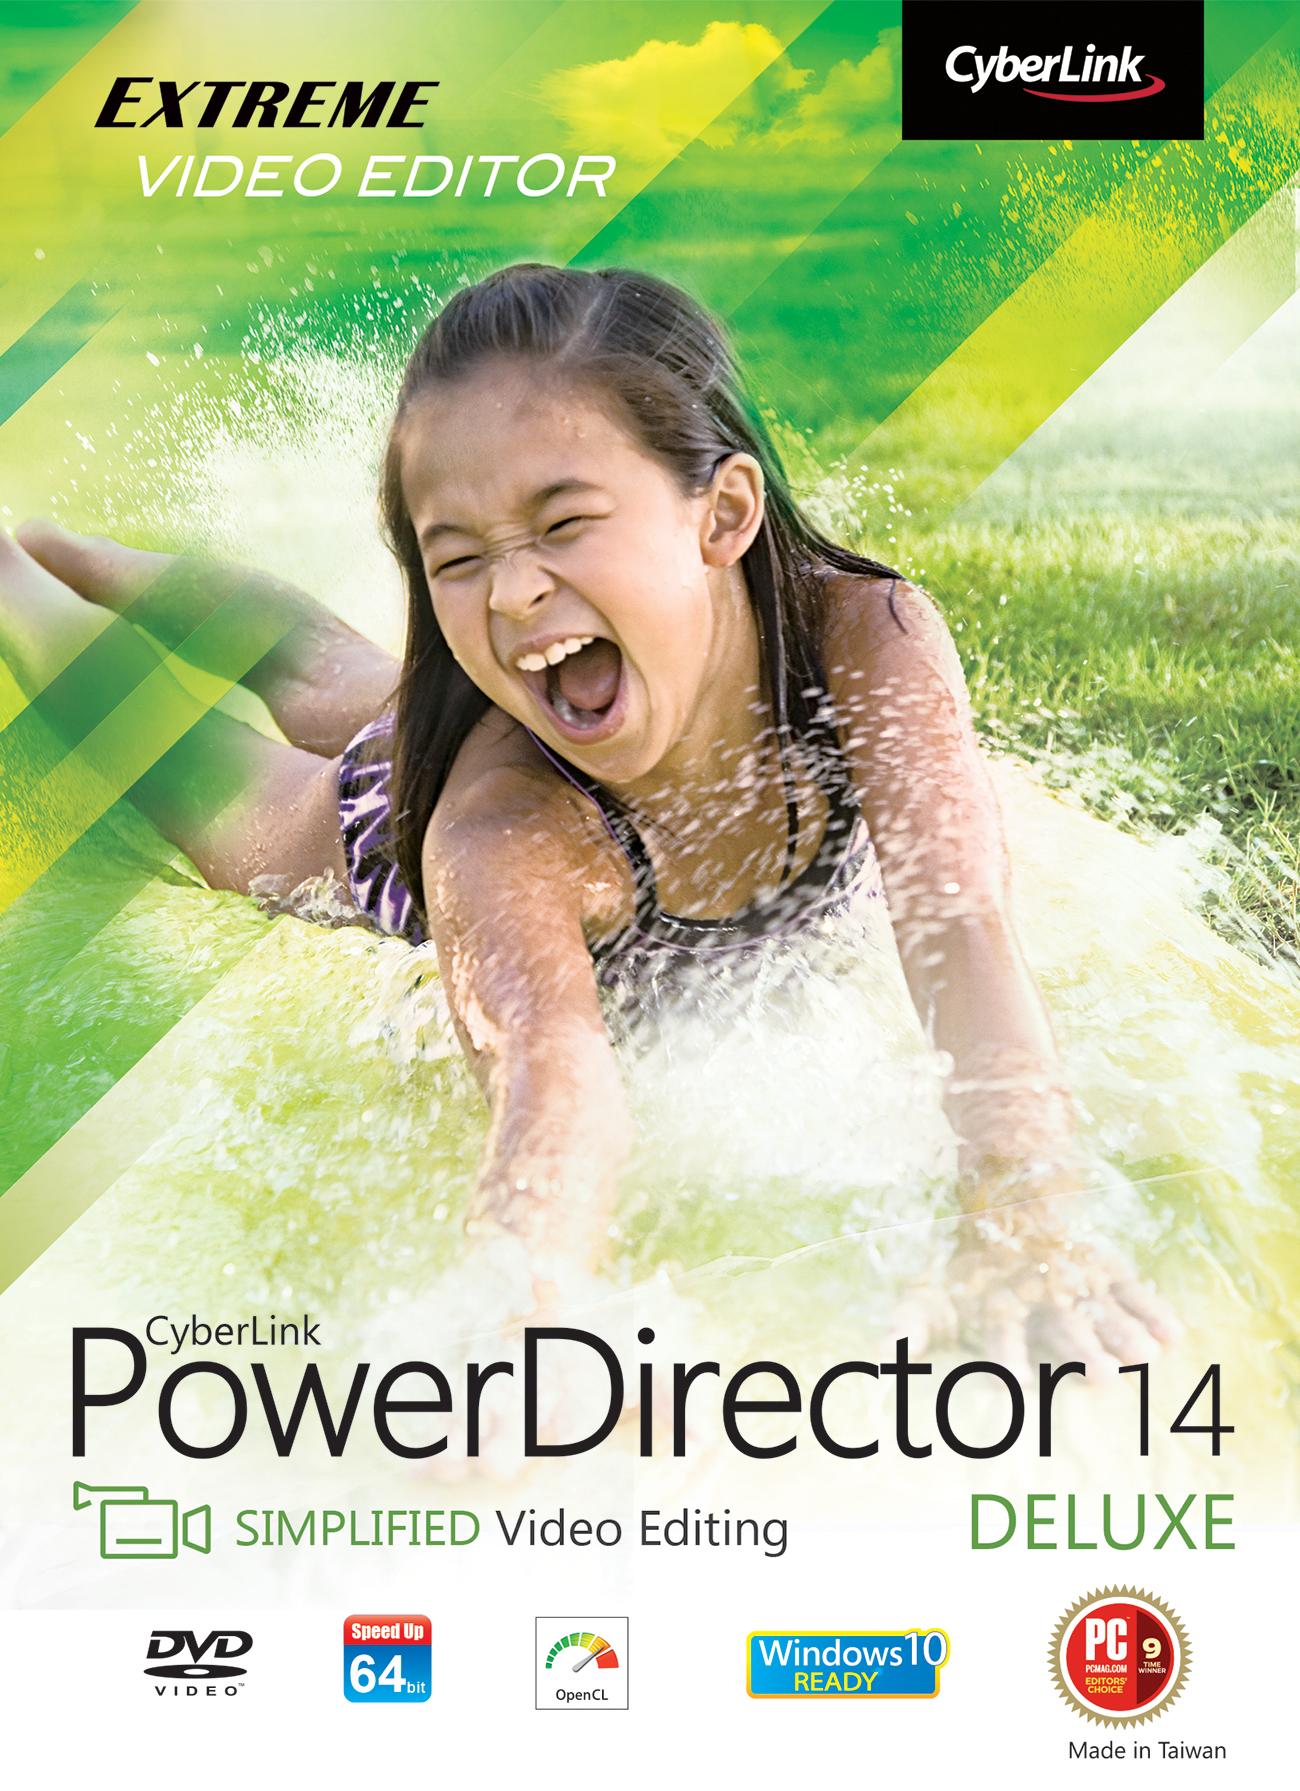 powerdirector-14-deluxe-download